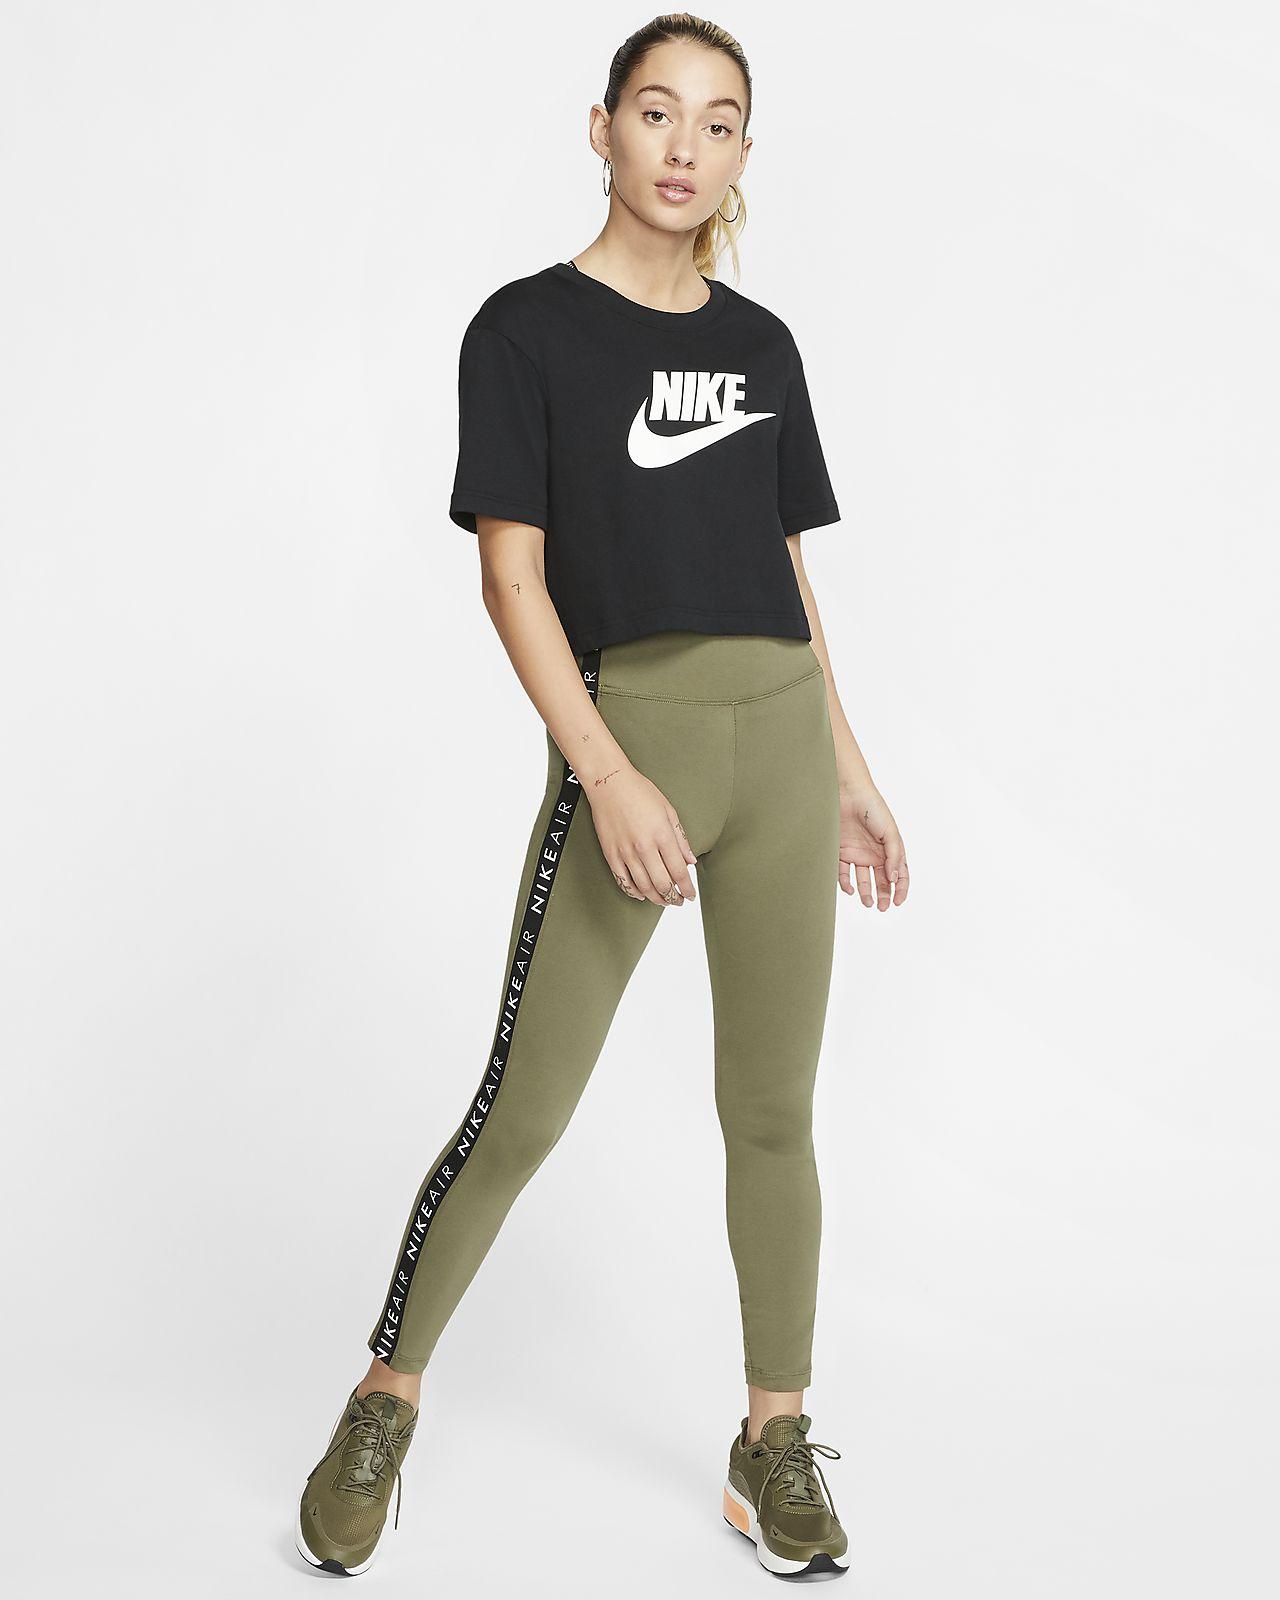 Nike Air Max Tape T Shirt | JD Sports Sverige